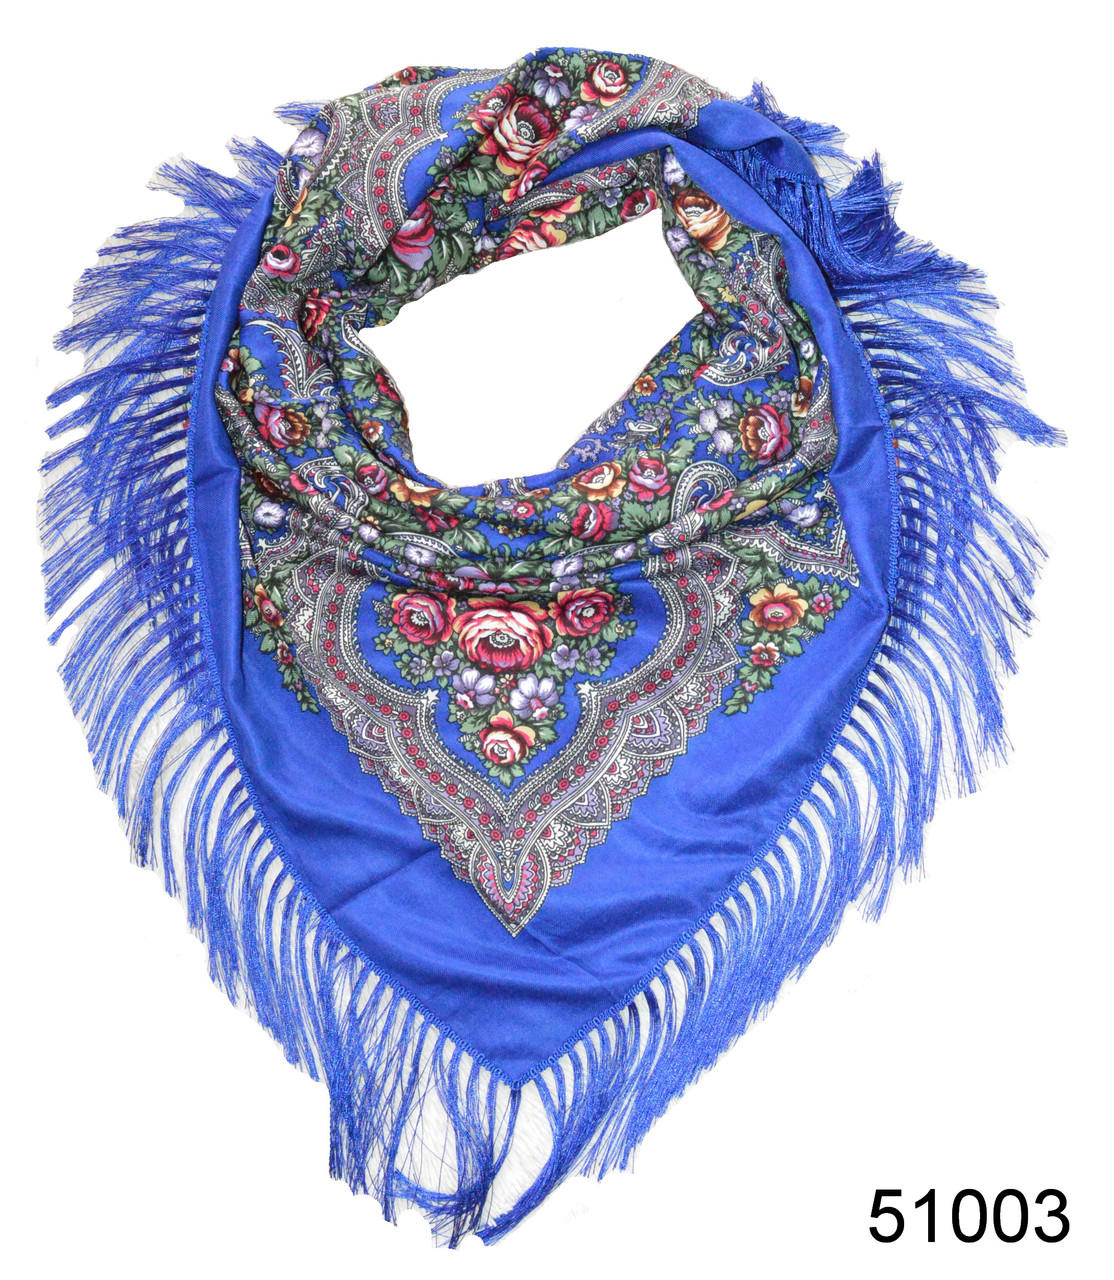 Павлопосадский шерстяной платок синий, фото 1